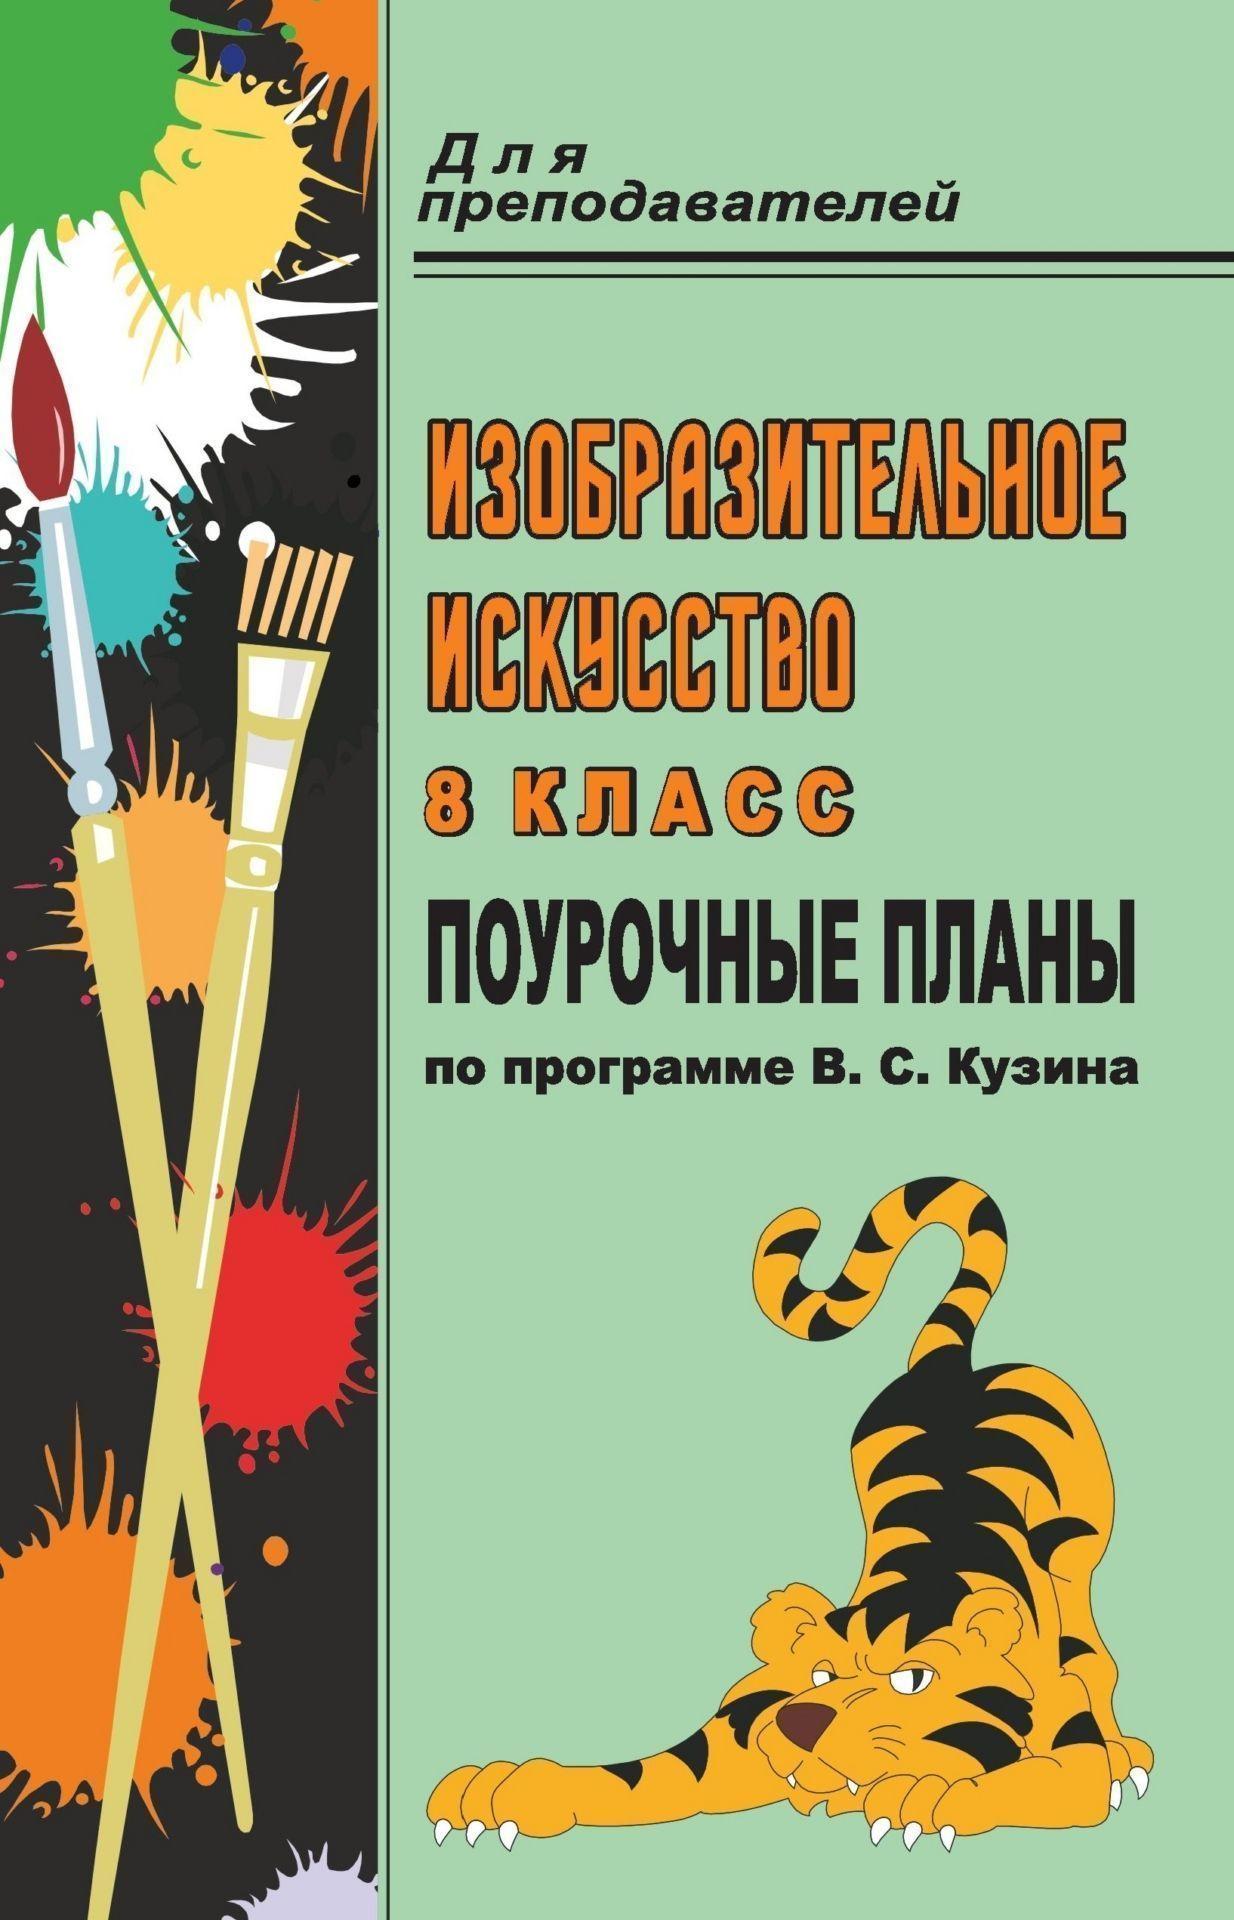 Изобразительное искусство. 8 класс: поурочные планы по программе В. С. Кузина